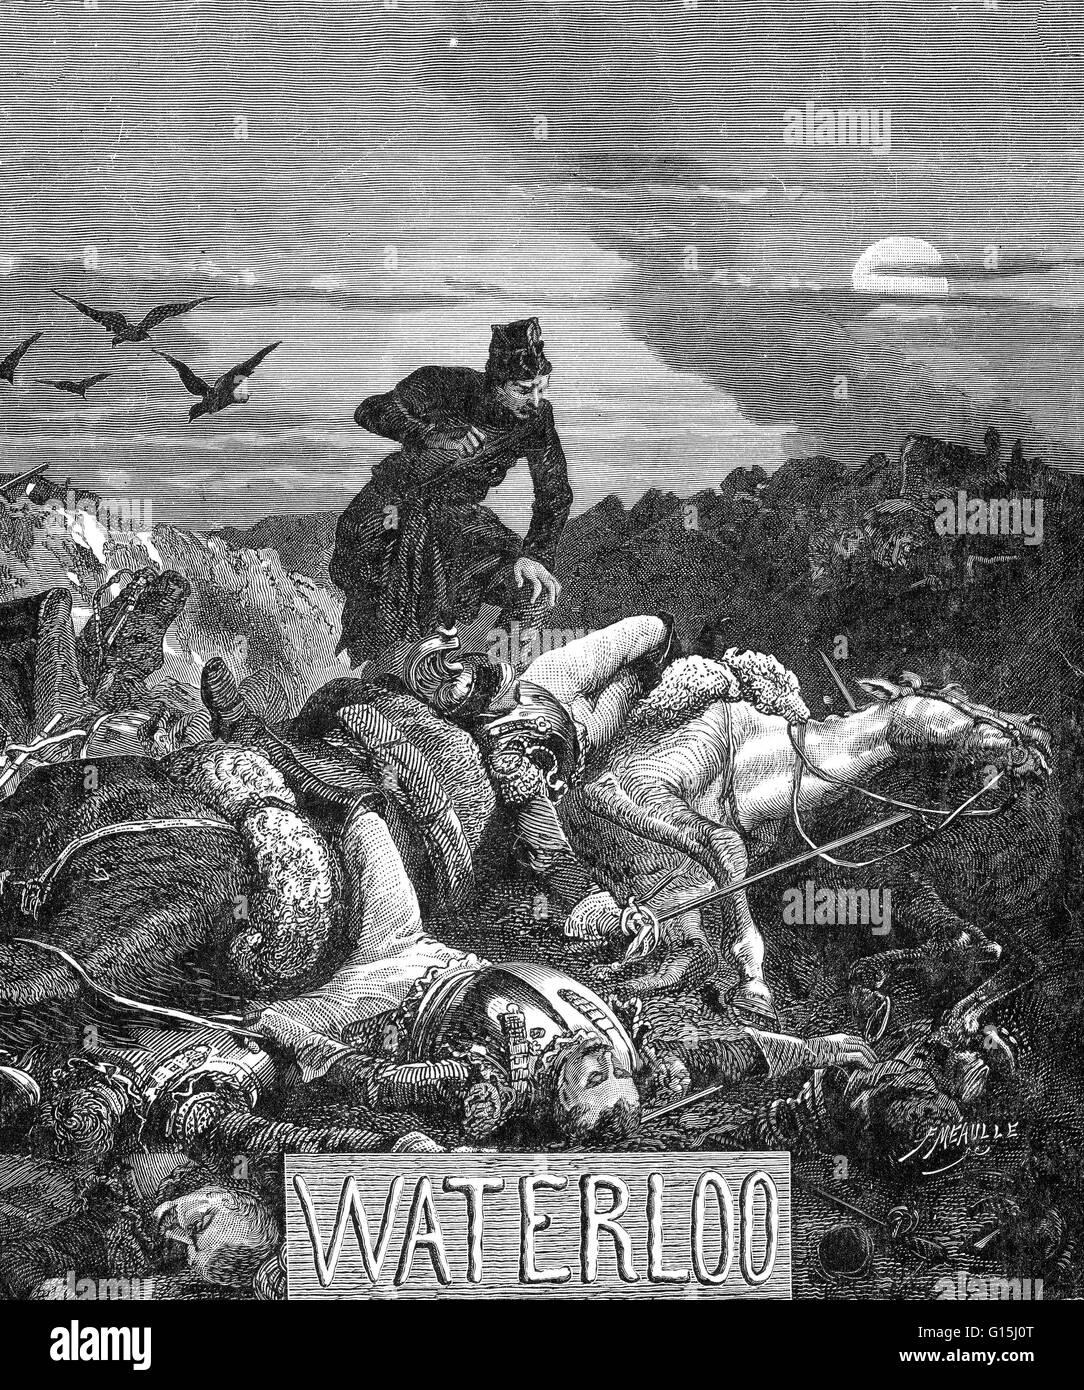 La batalla de Waterloo se libró el 18 de junio de 1815, cerca de Waterloo en la actual Bélgica. Un ejército Imagen De Stock